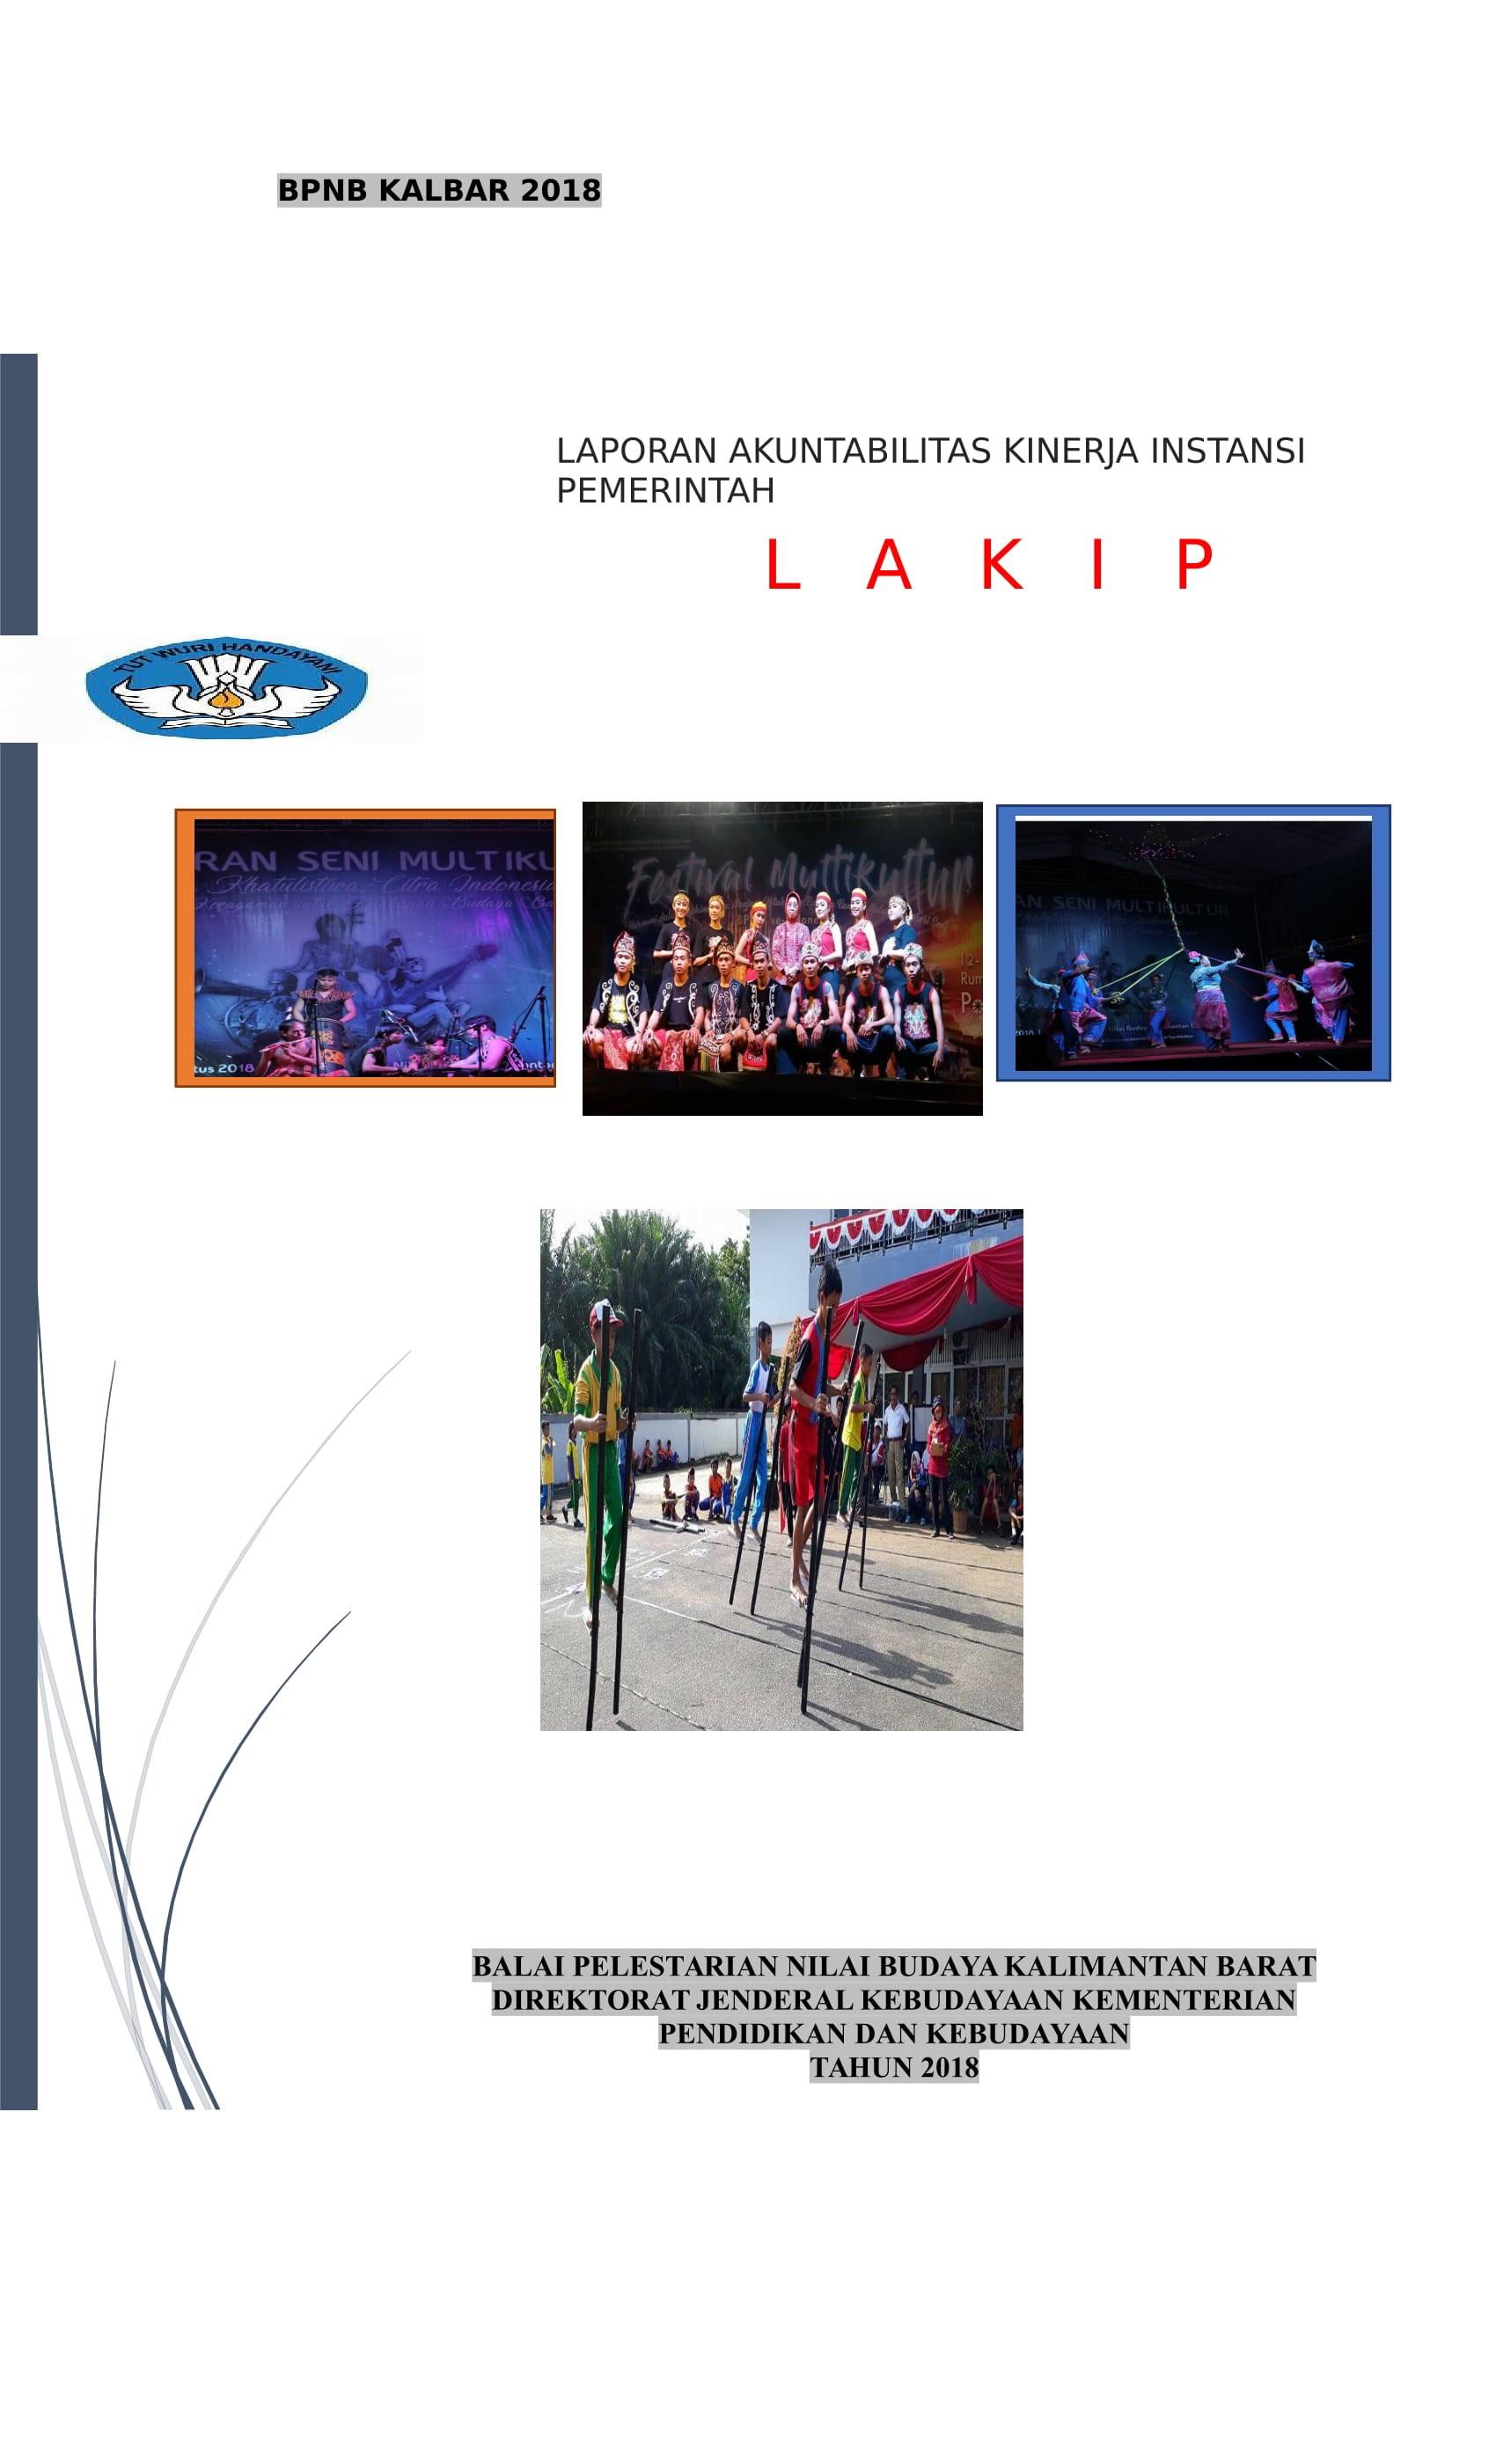 Read more about the article Laporan Akuntabilitas Kinerja Instansi Pemerintah (Lakip) BPNB Kalbar 2018